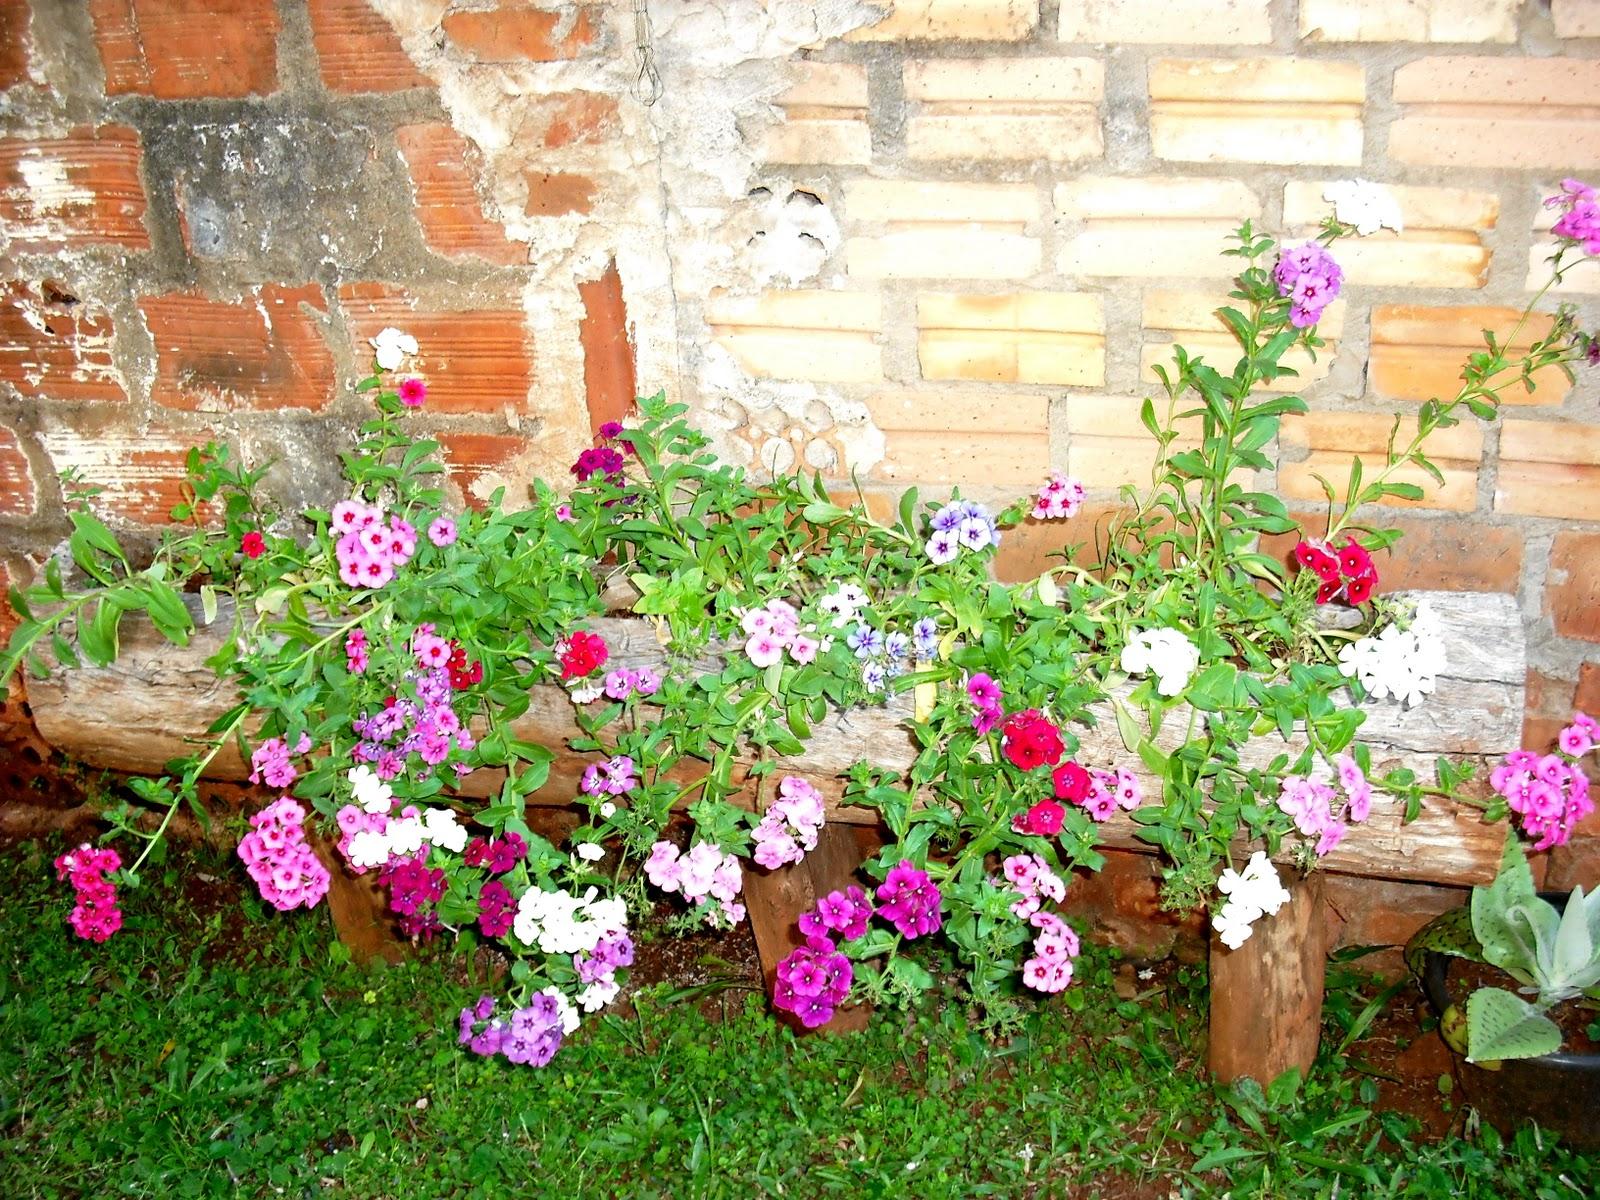 rosas no jardim de deus : rosas no jardim de deus:quarta-feira, 21 de setembro de 2011